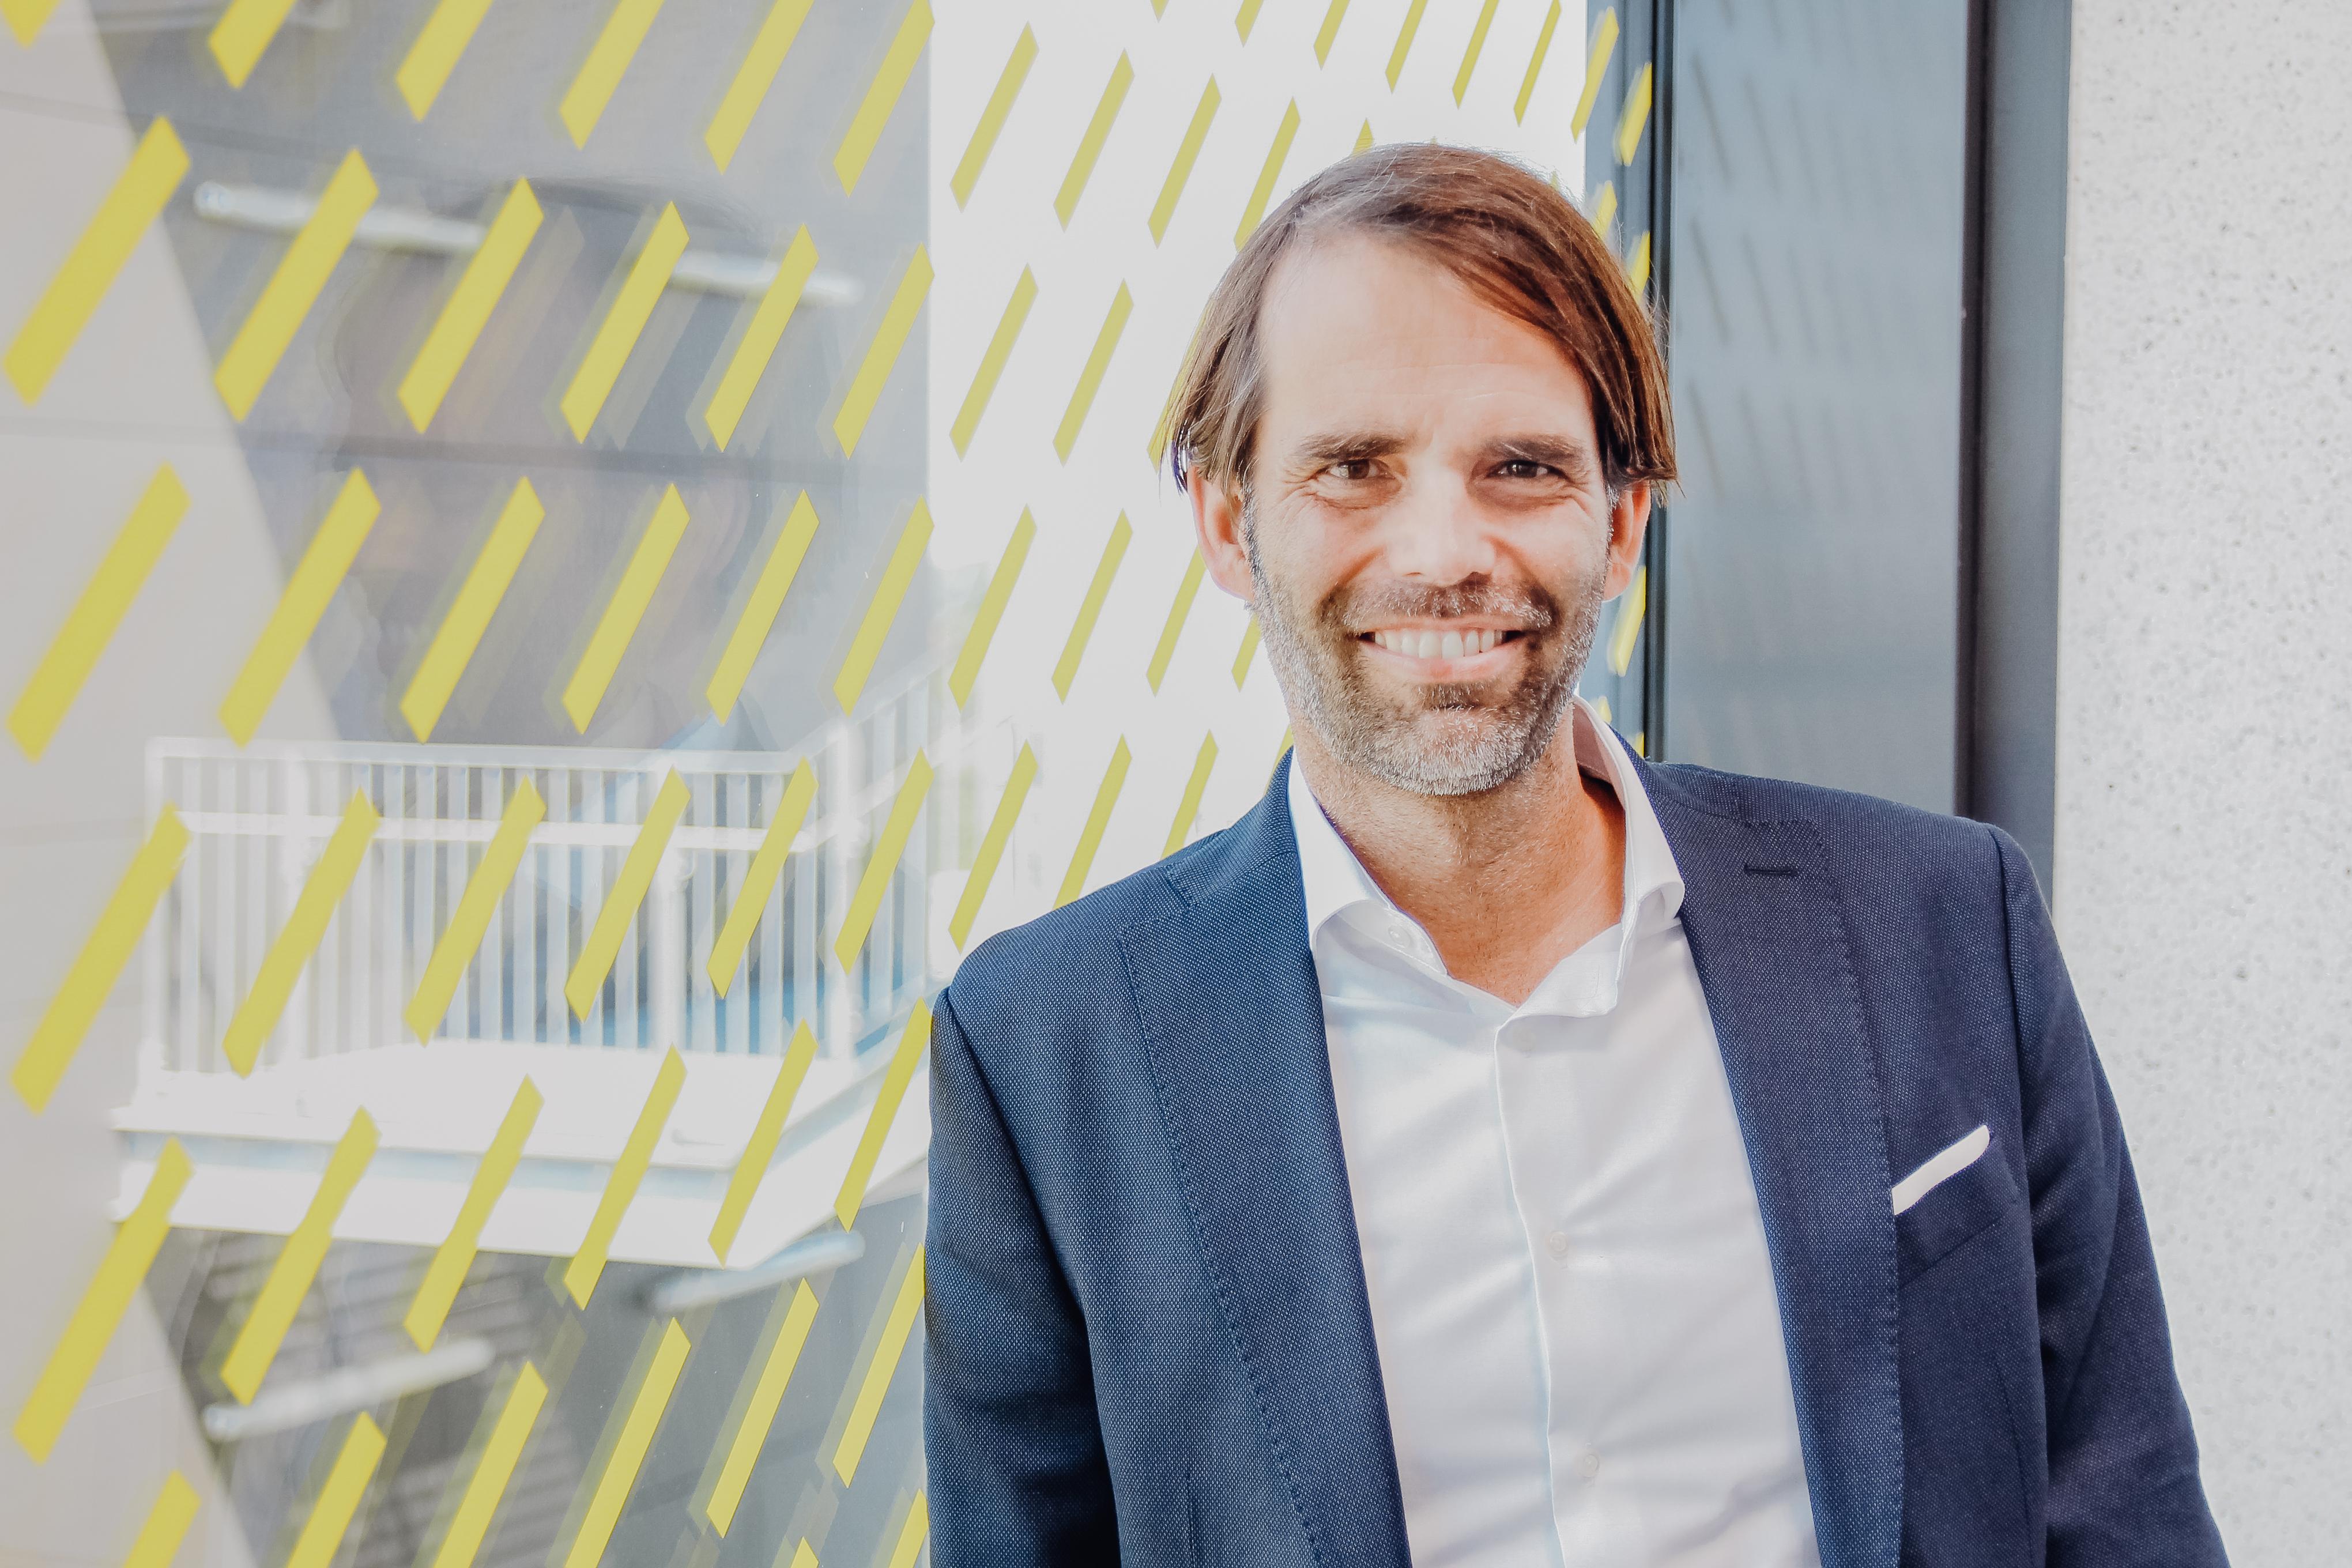 Das Foto zeigt Prof. Dr. Ralf Ziegenbein, der an der FH Münster den Lehrstuhl für Operations and Process Management innehat.